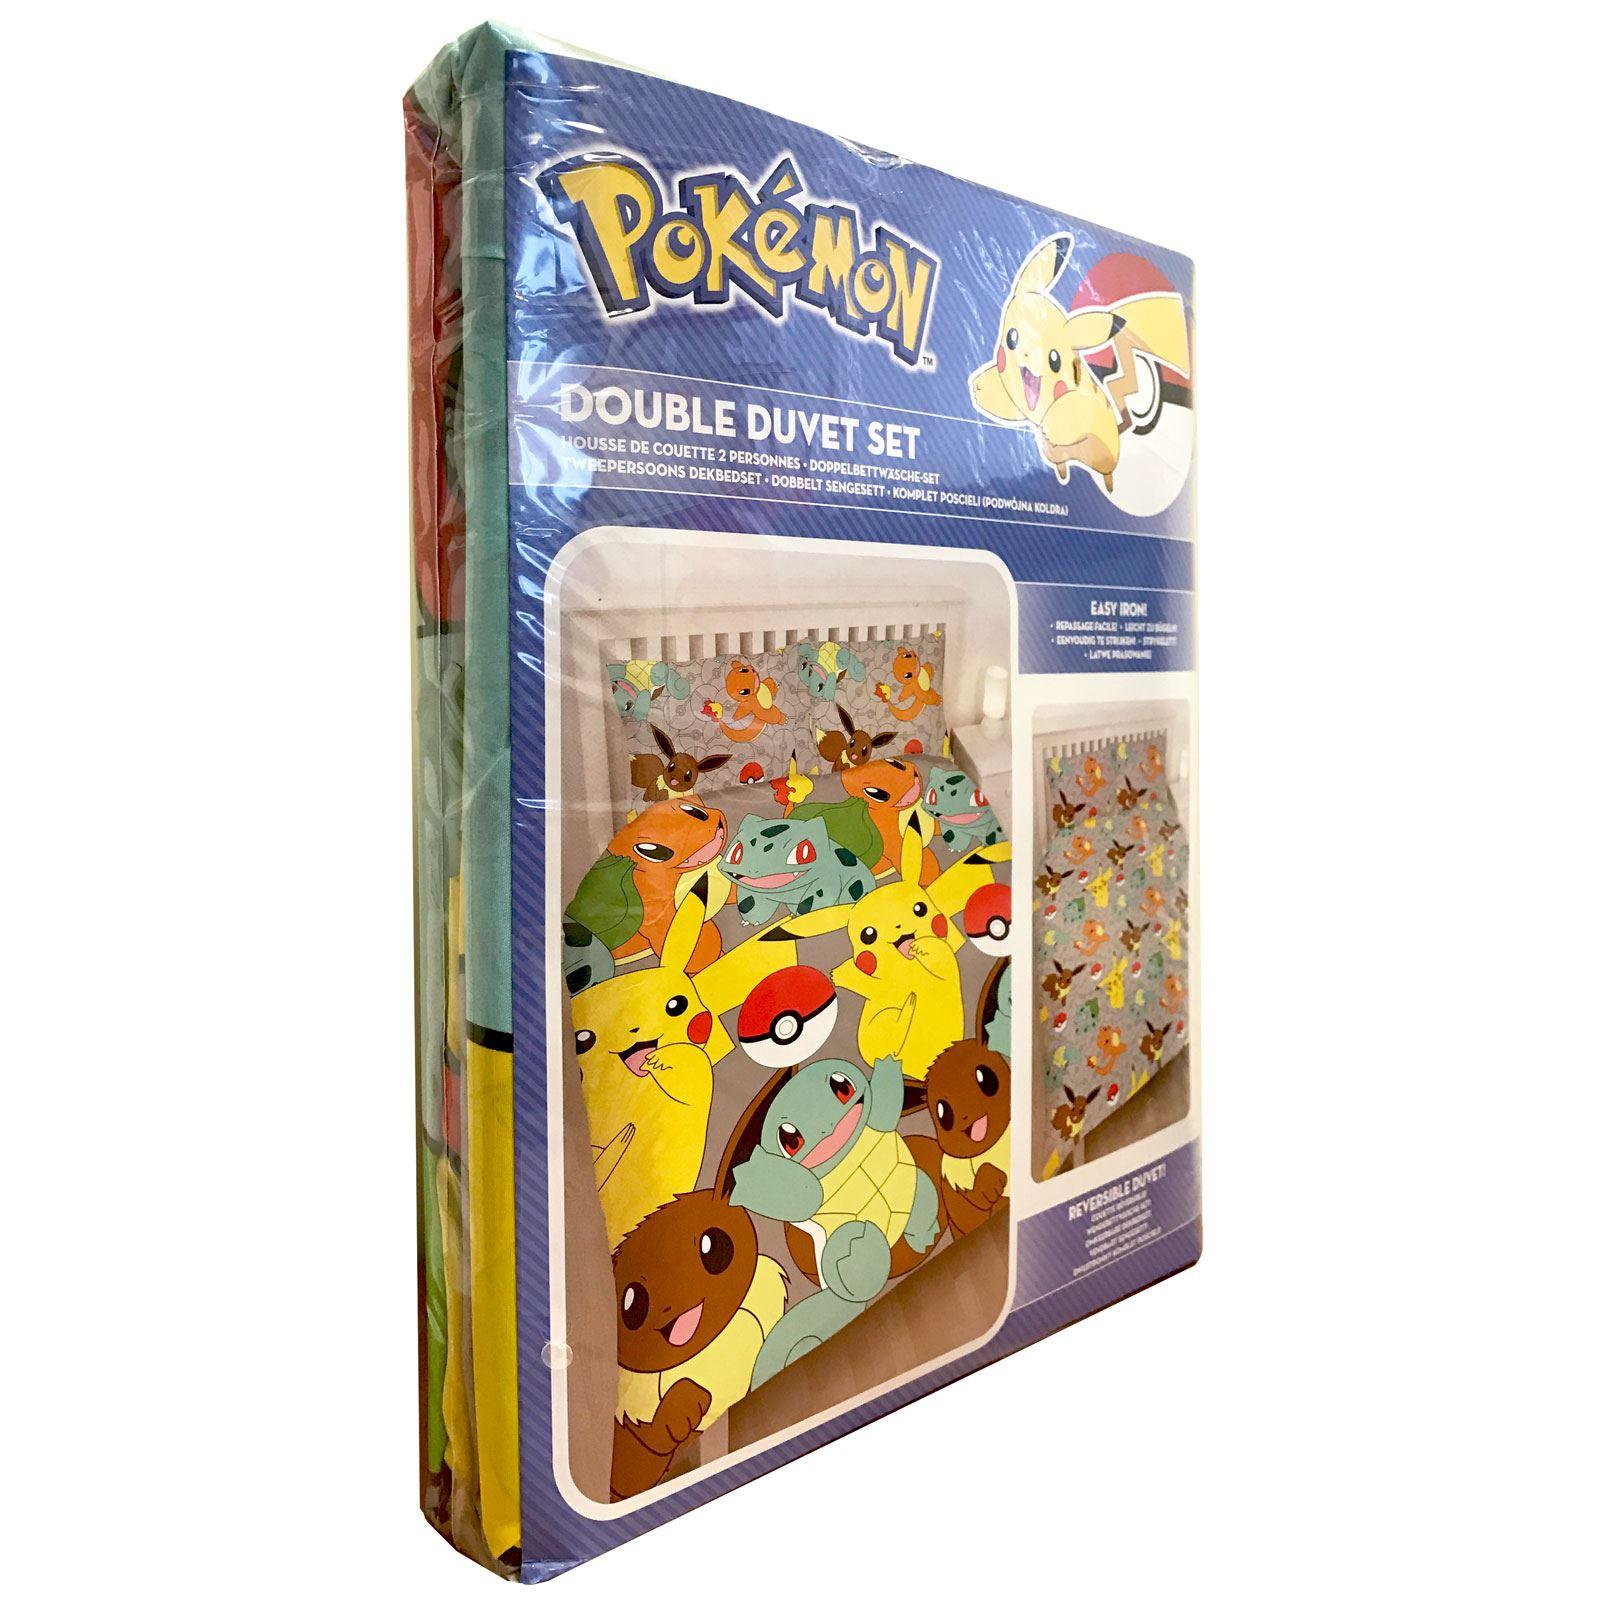 Pokemon Duvet Cover Sets Kids Bedding Reversible Single